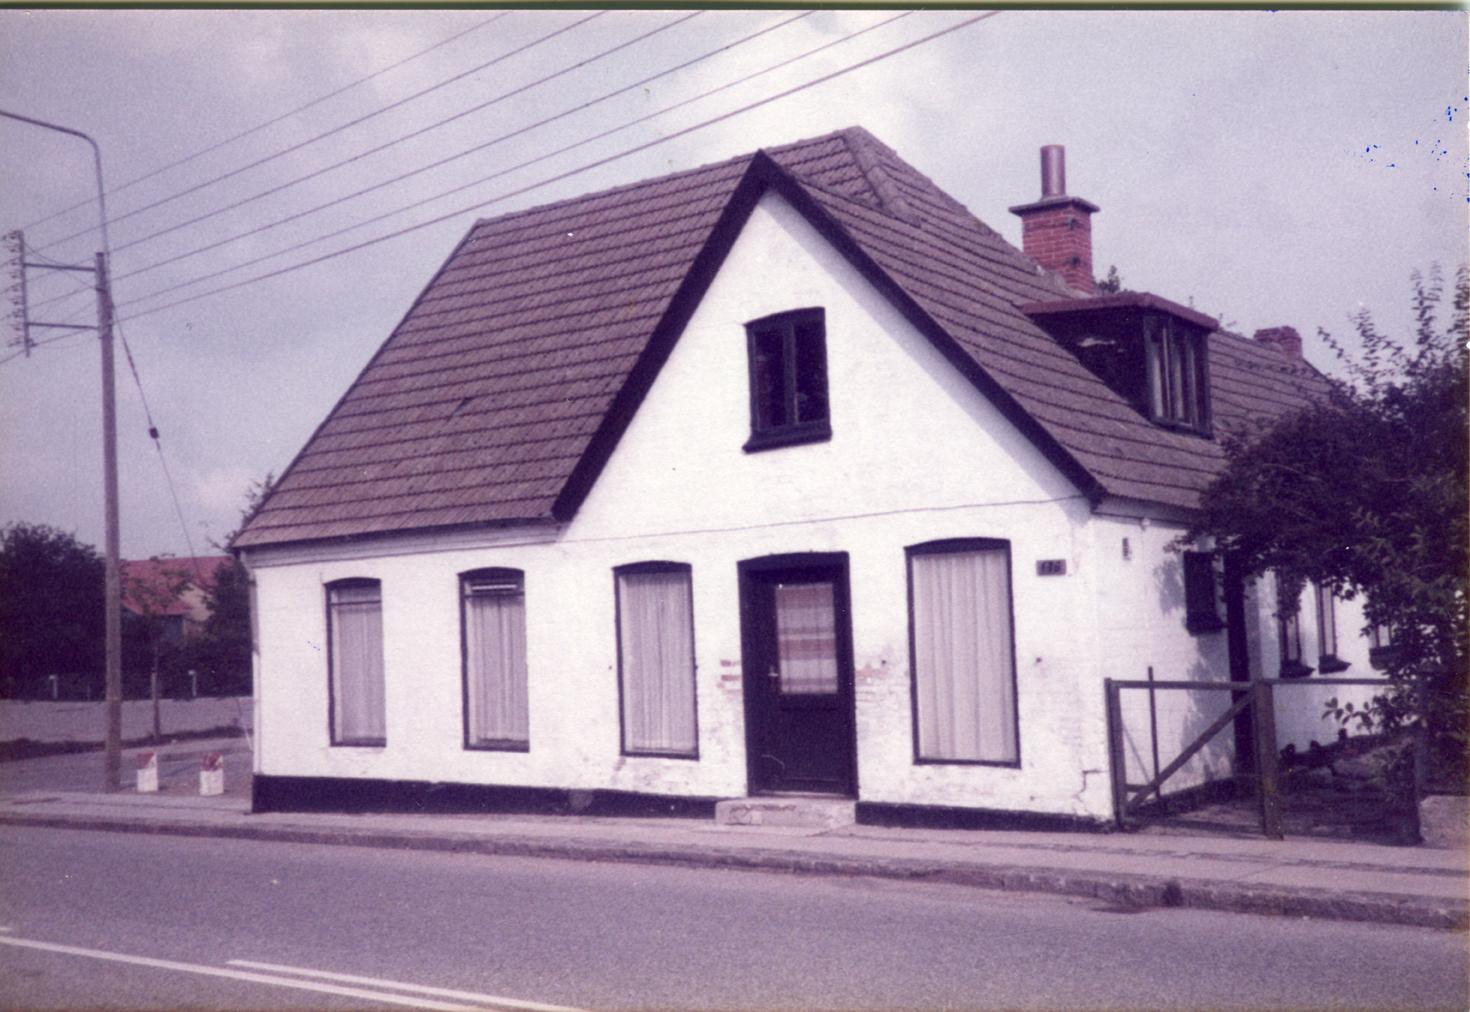 Billede 14 Østrupvej 119 nedrevet i.f.m. etablering af urnekirkegård foto Gerhard Christensen